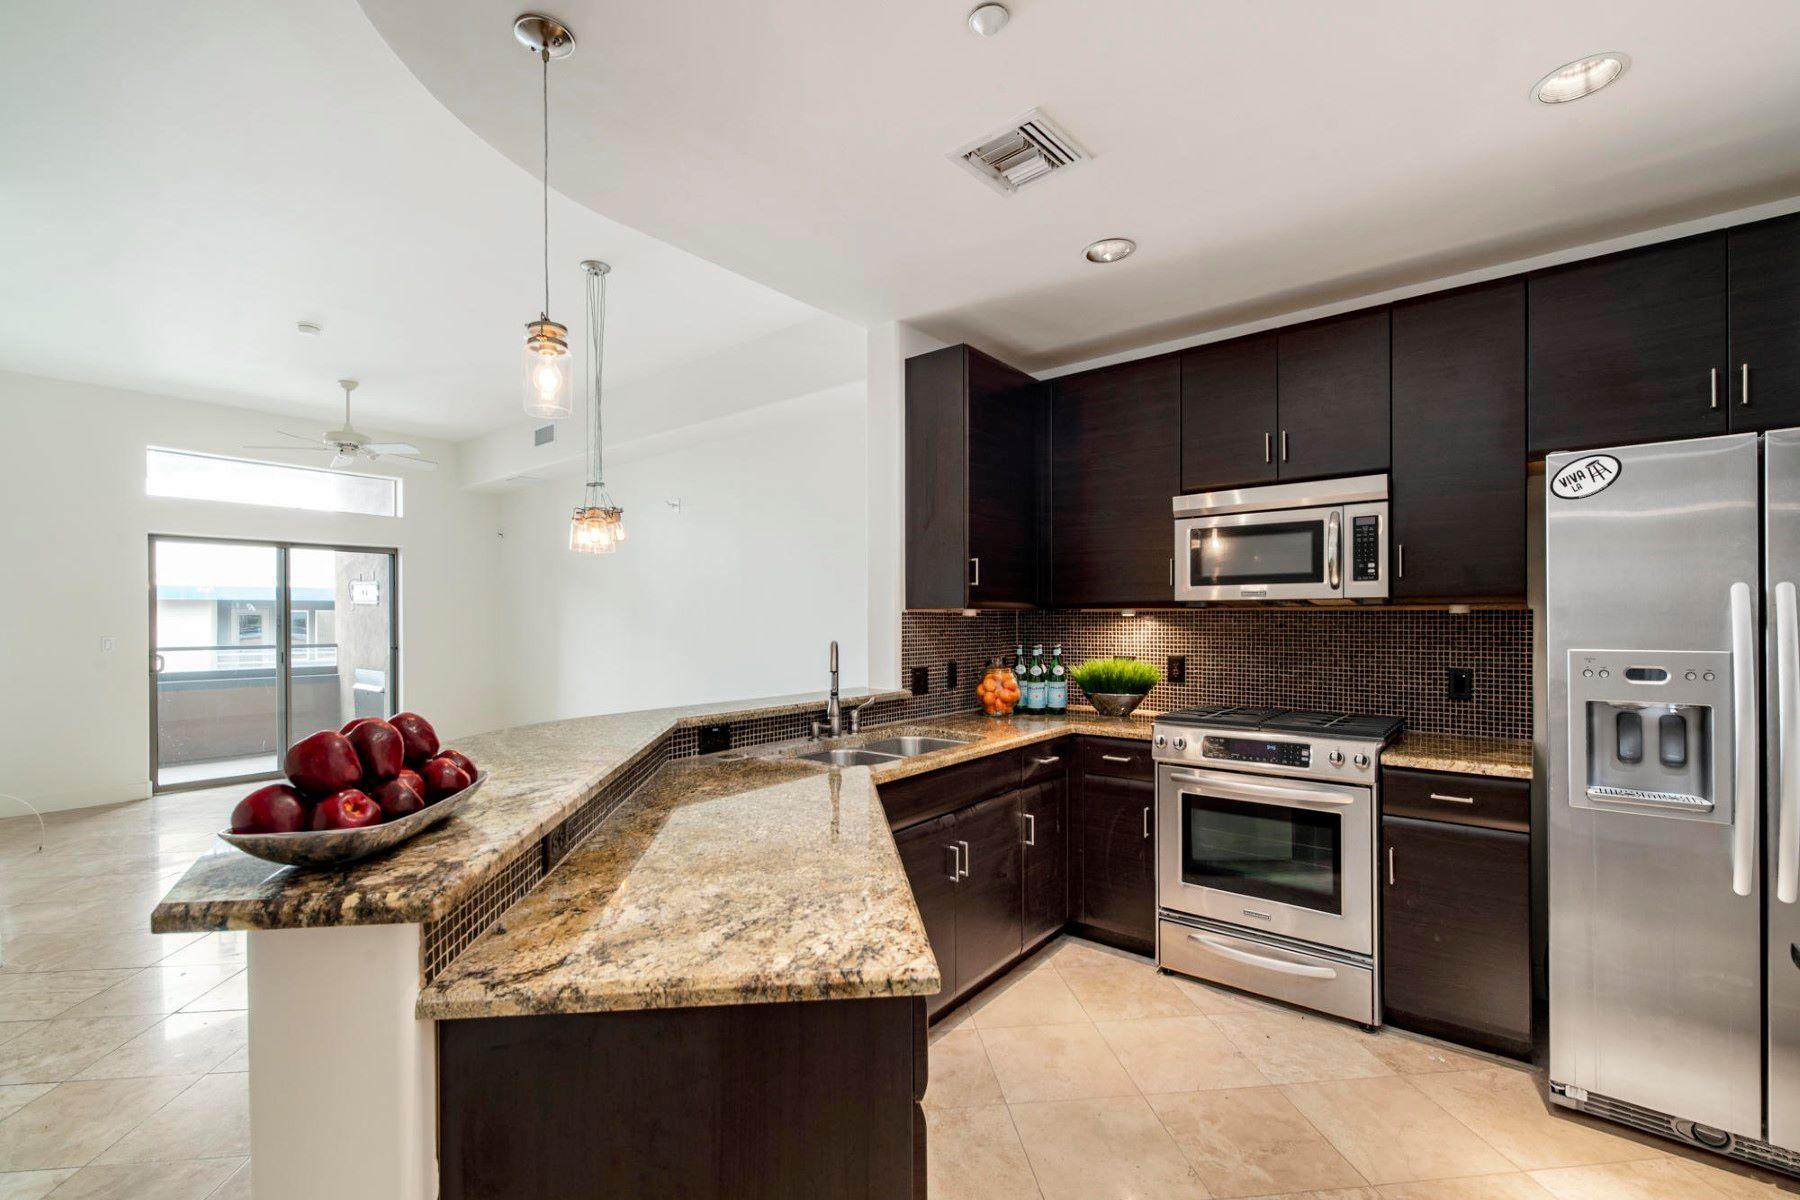 single family homes for Active at North Shore Condominium 945 E PLAYA DEL NORTE DR 5021 Tempe, Arizona 85281 United States